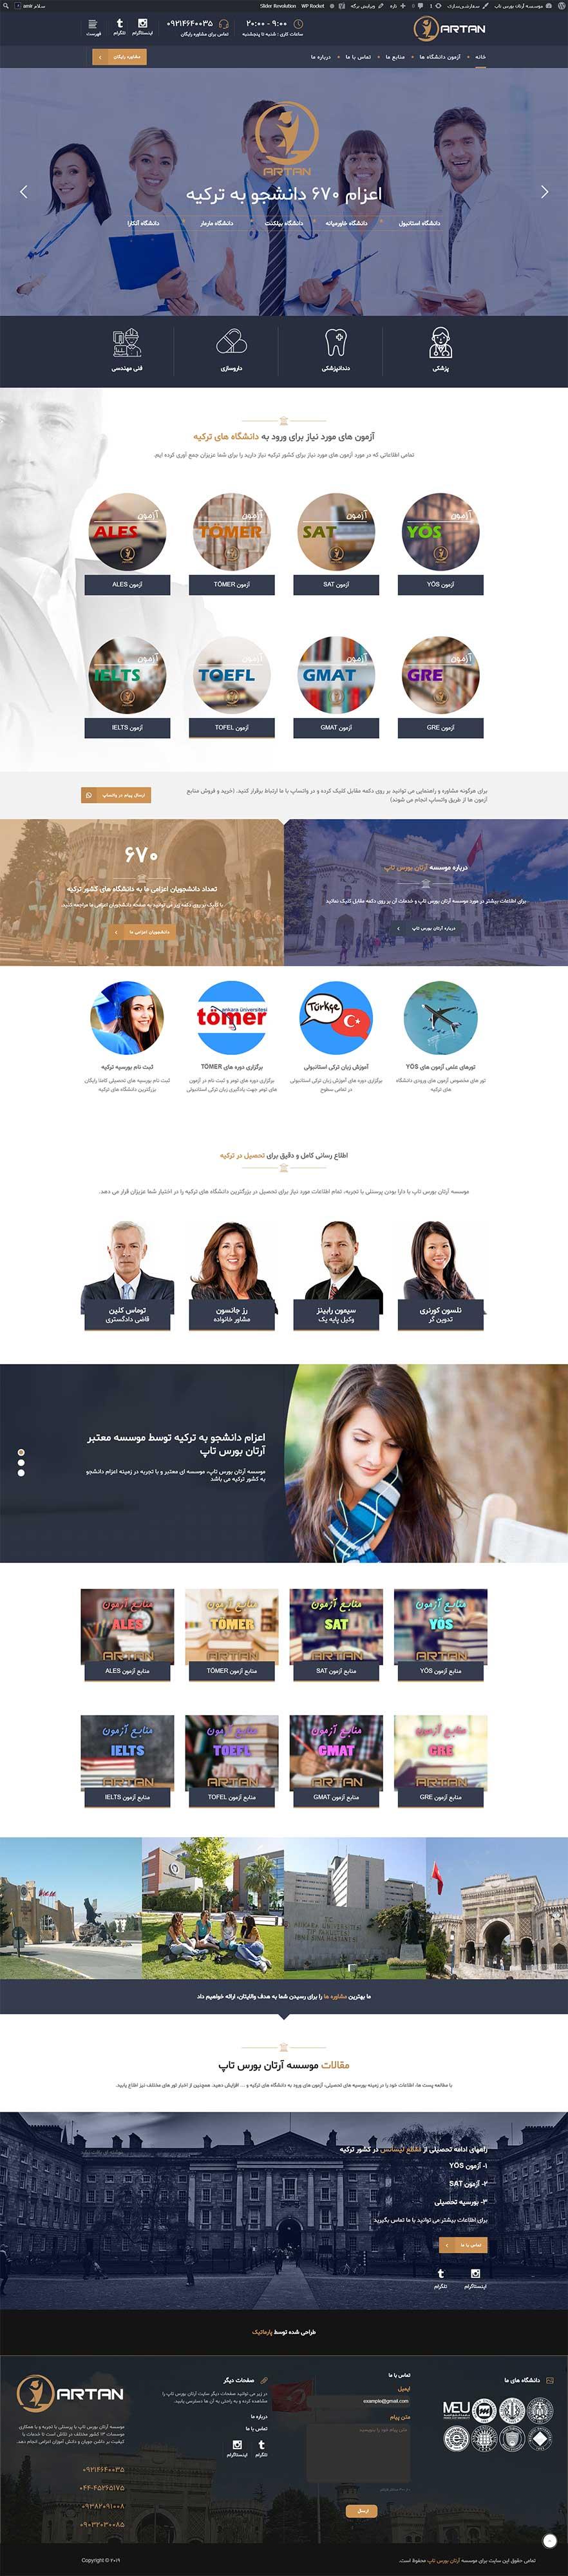 طراحی سایت موسسه آرتان بورس تاپ